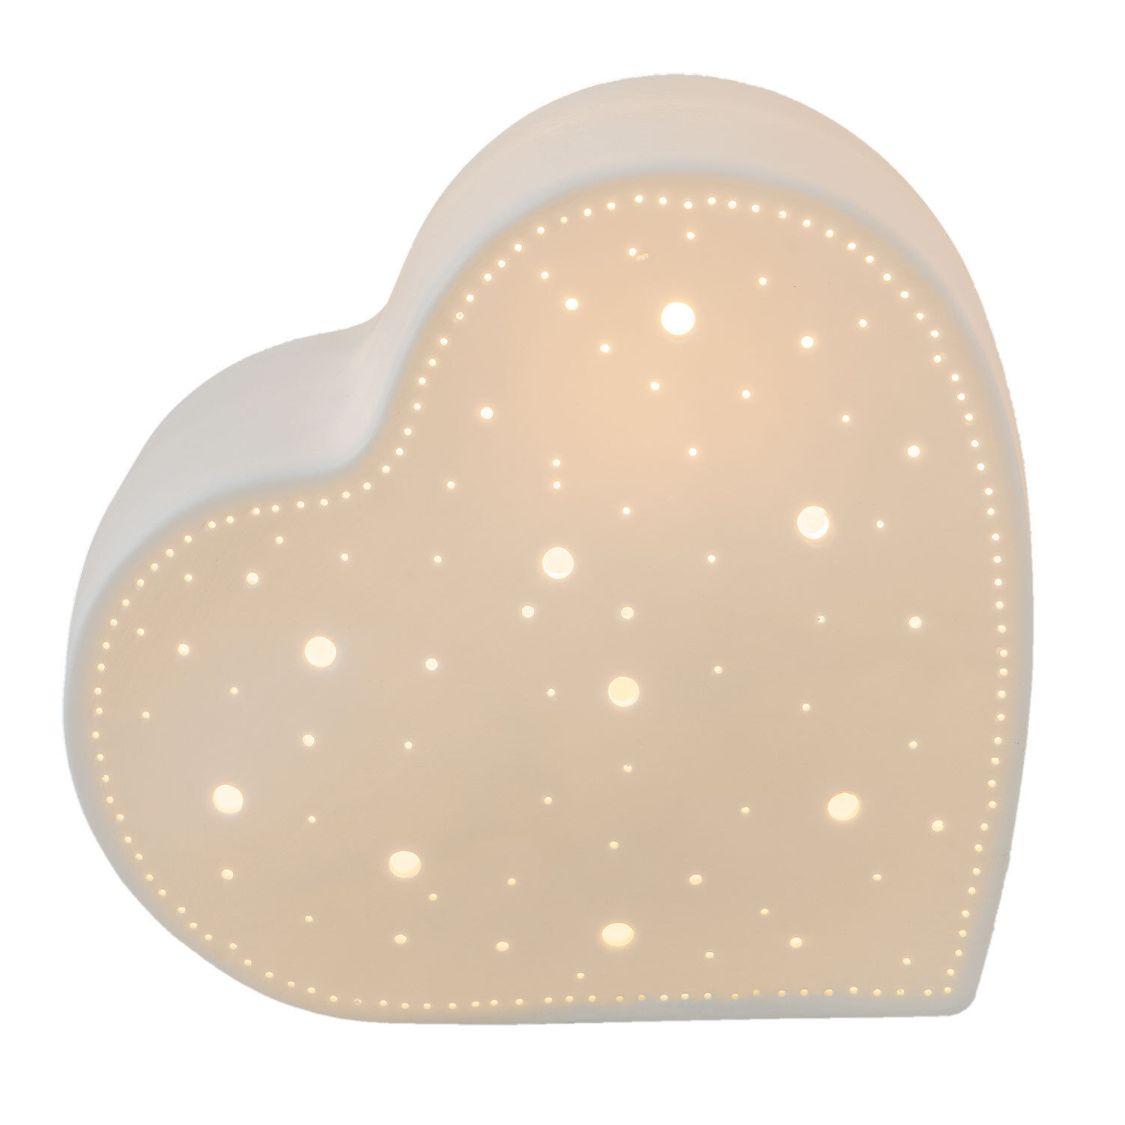 Tischlampe Tischleuchte Motivlampe Herz weiß 20 x 11 x 18 cm Clayre & Eef 6LMP48